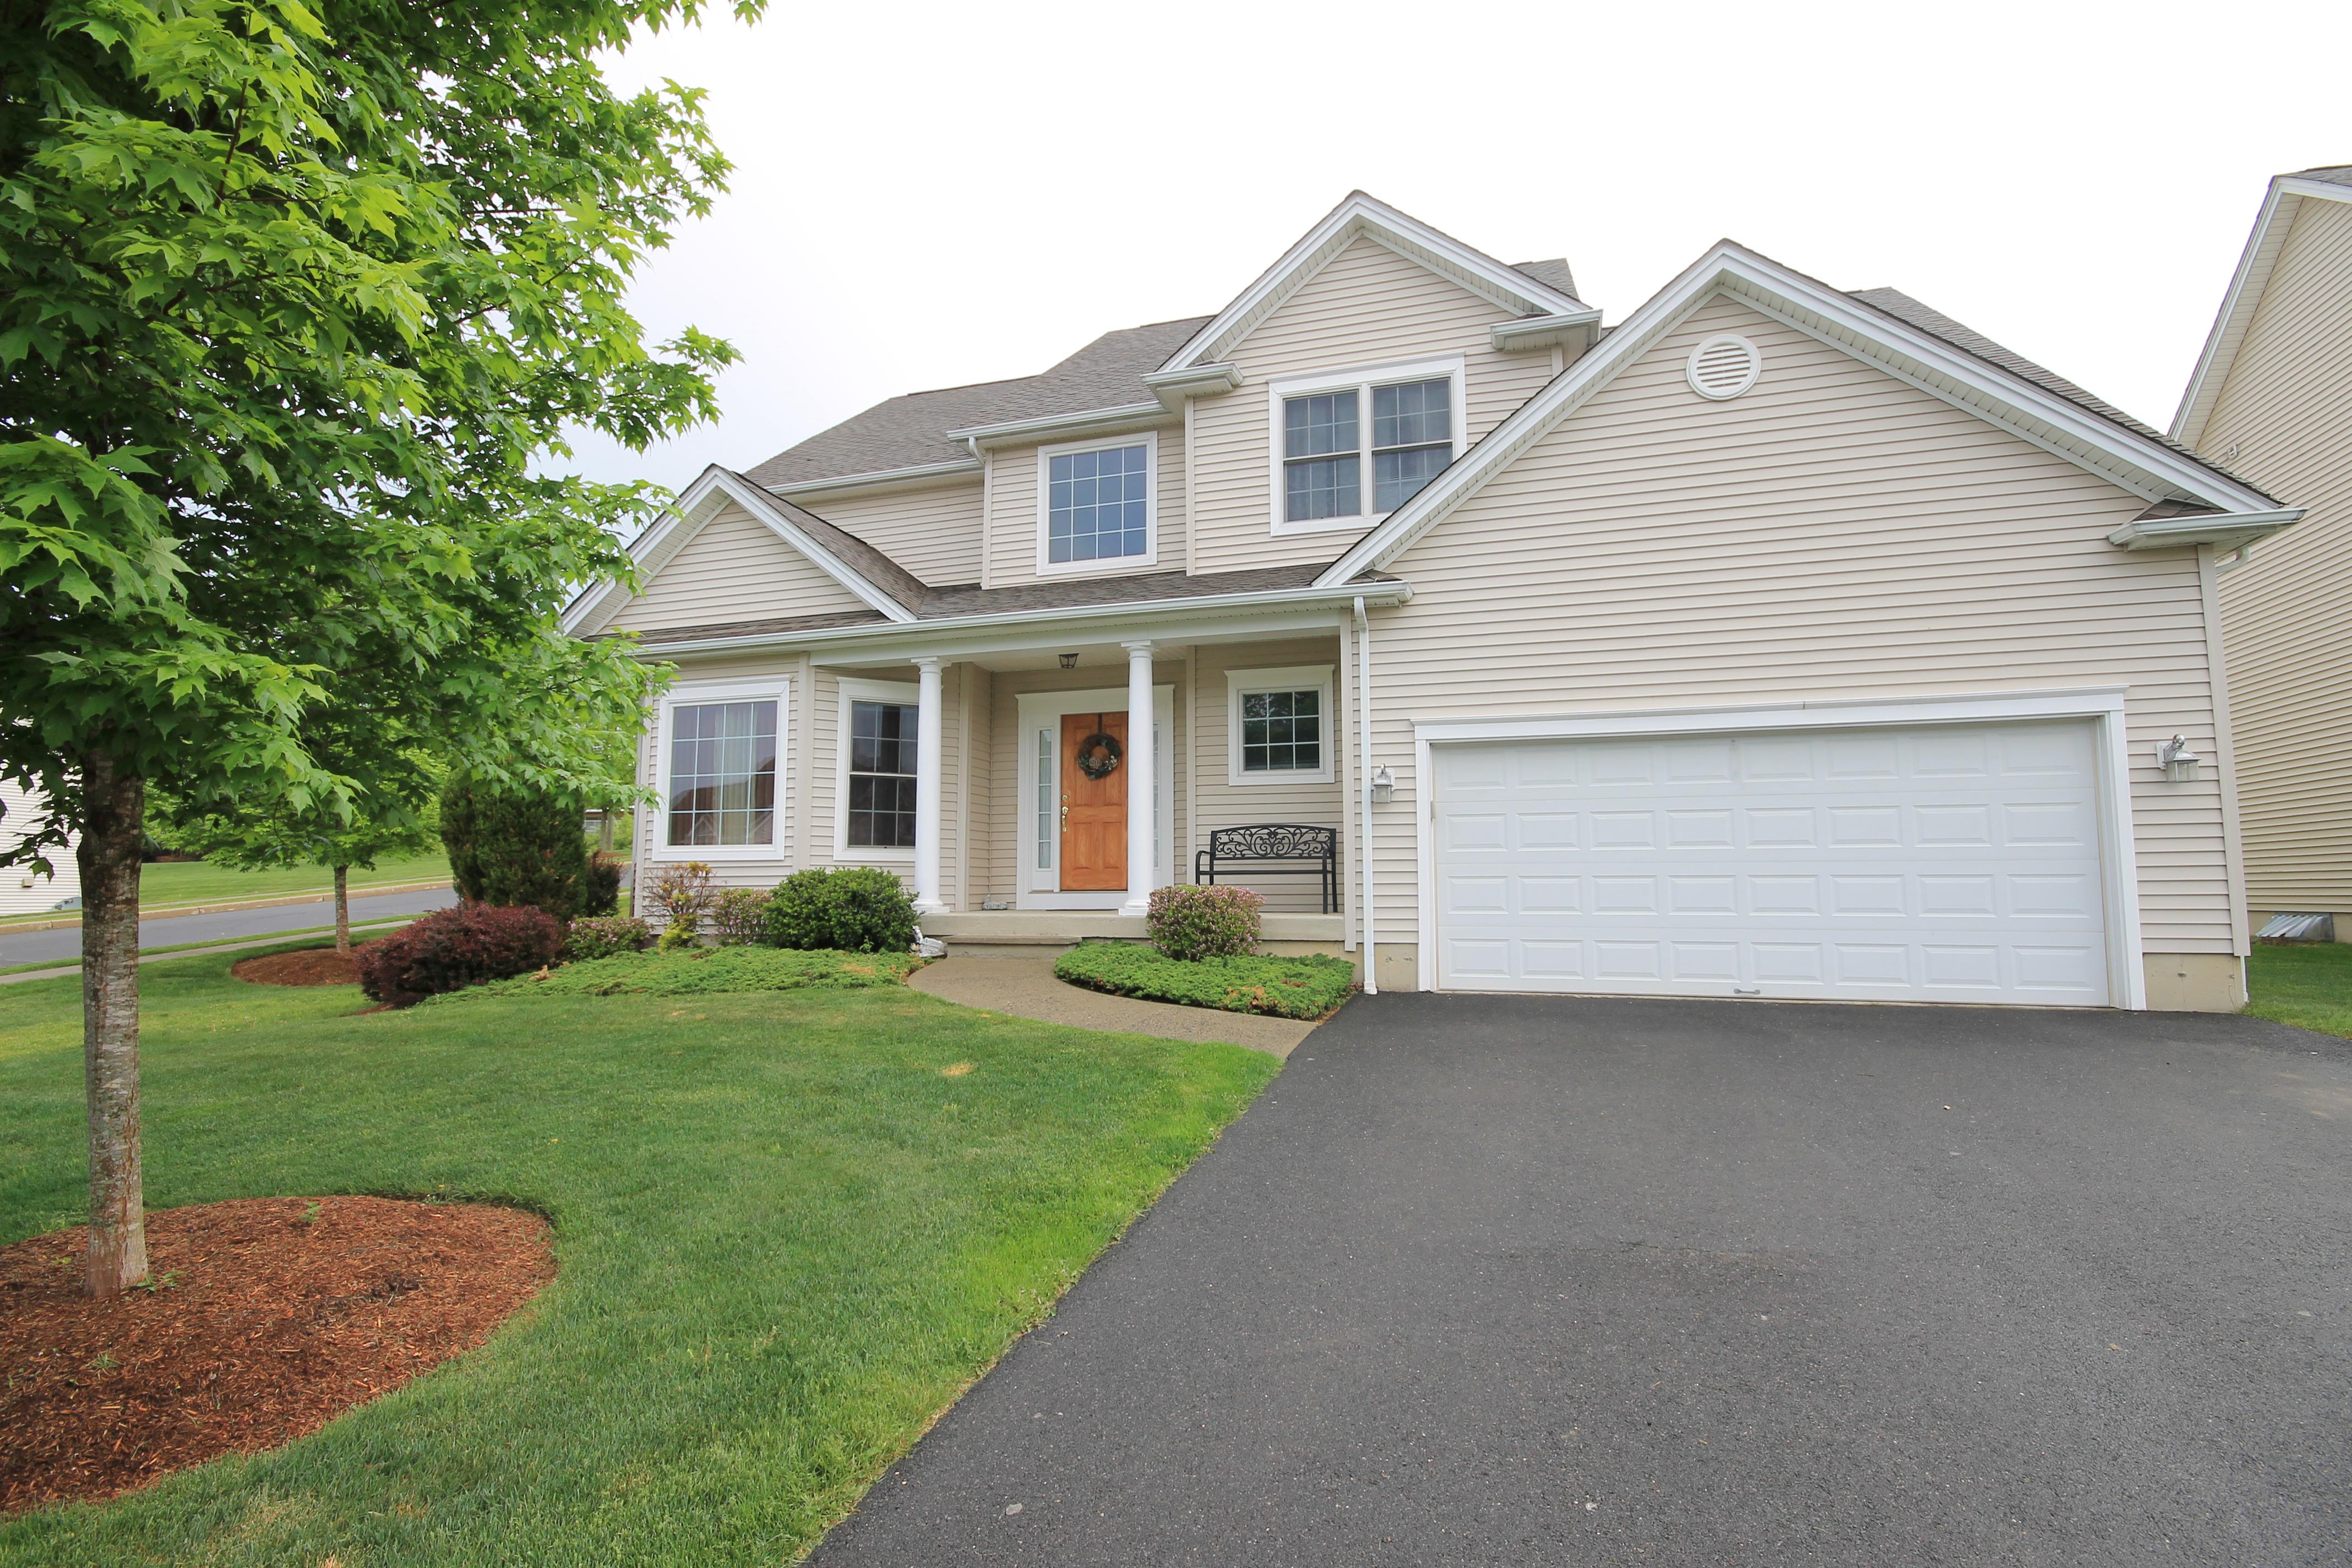 Condominium for Sale at Tobins Farm 9 Tobins Court 9 Danbury, Connecticut 06810 United States